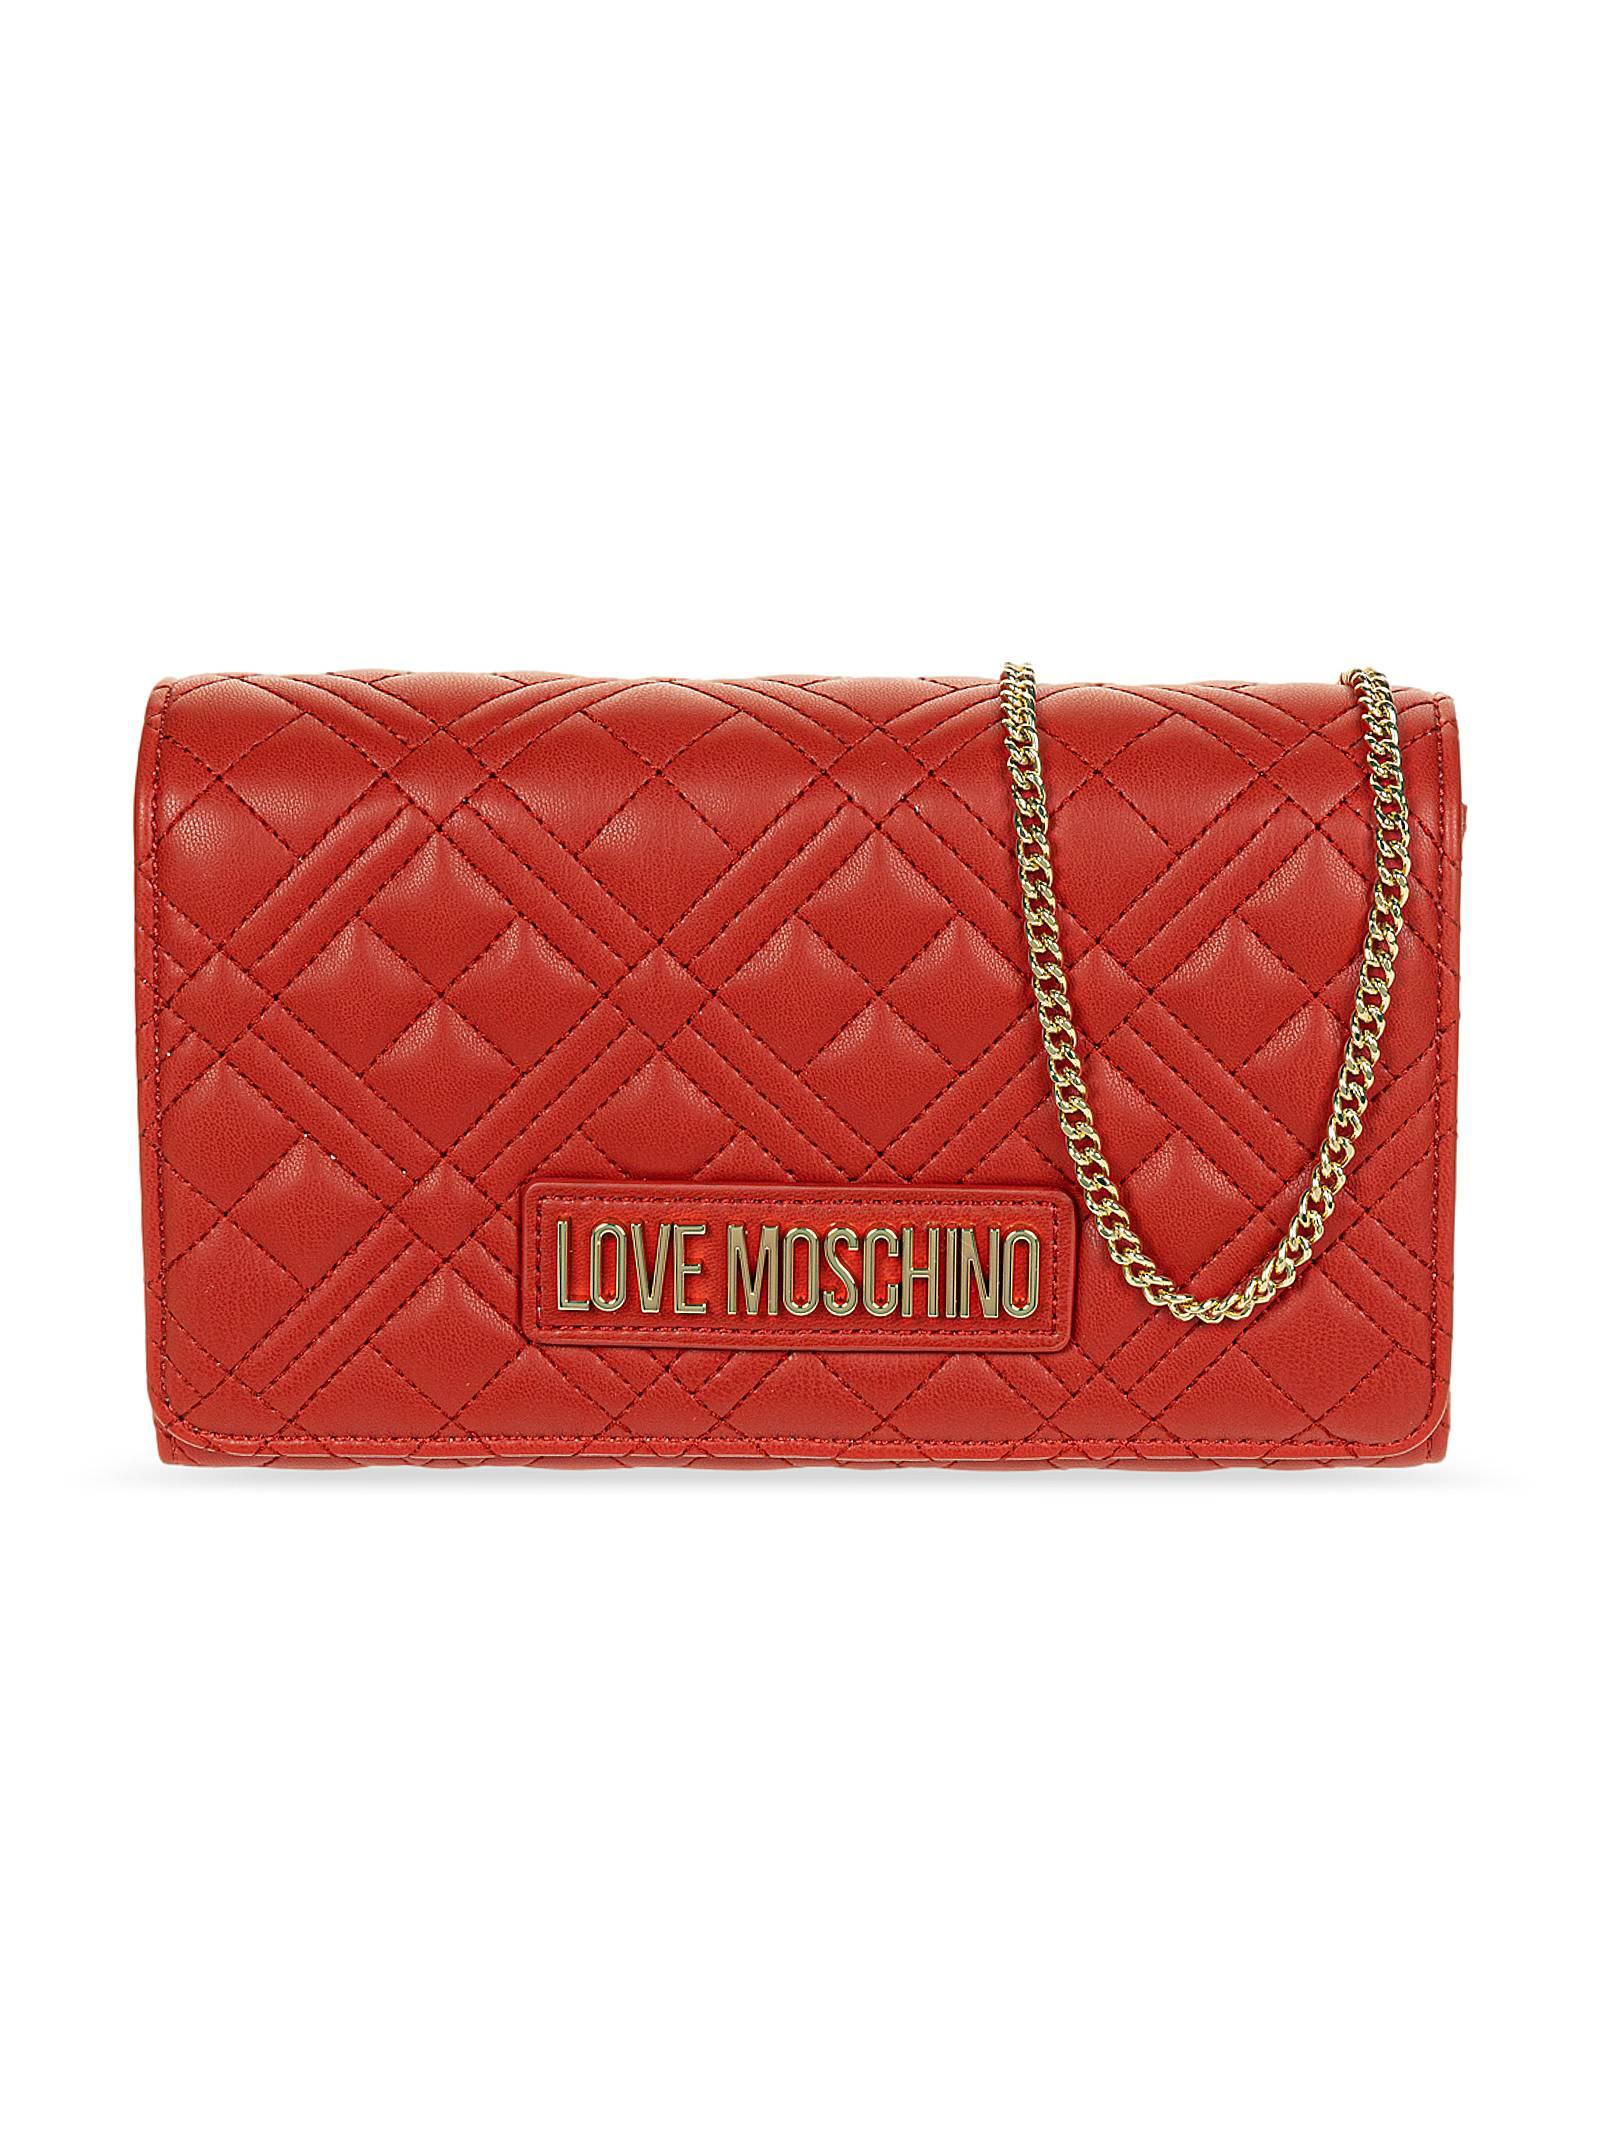 Love Moschino Borsa a Tracolla Rossa